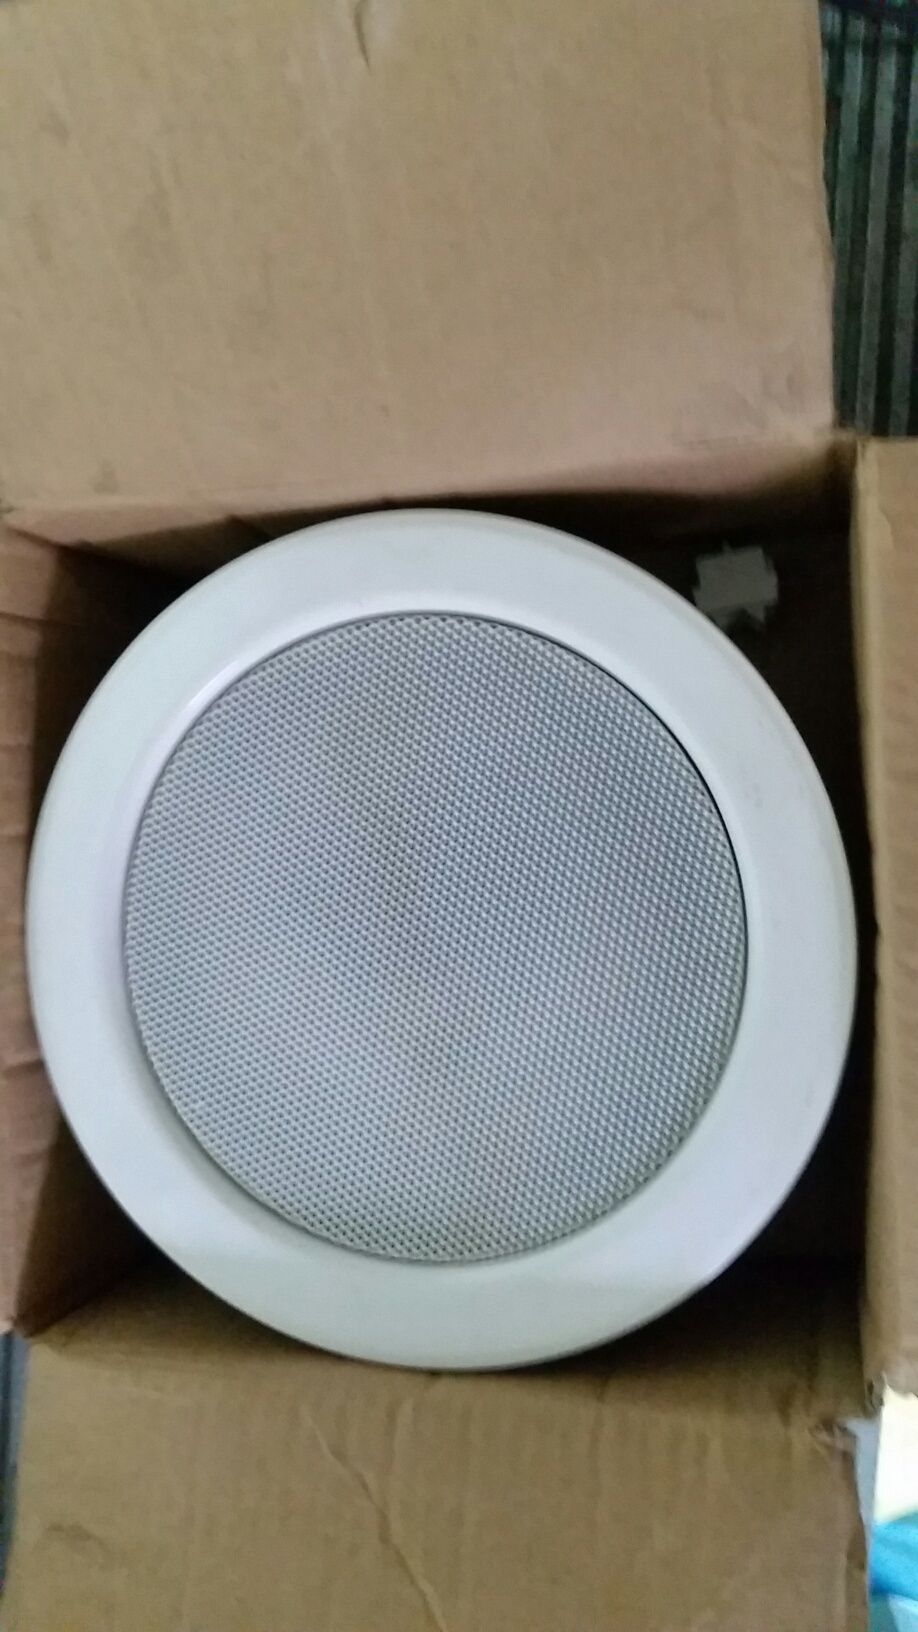 Głośnik sufitowy DL 06-165/T- ich audio